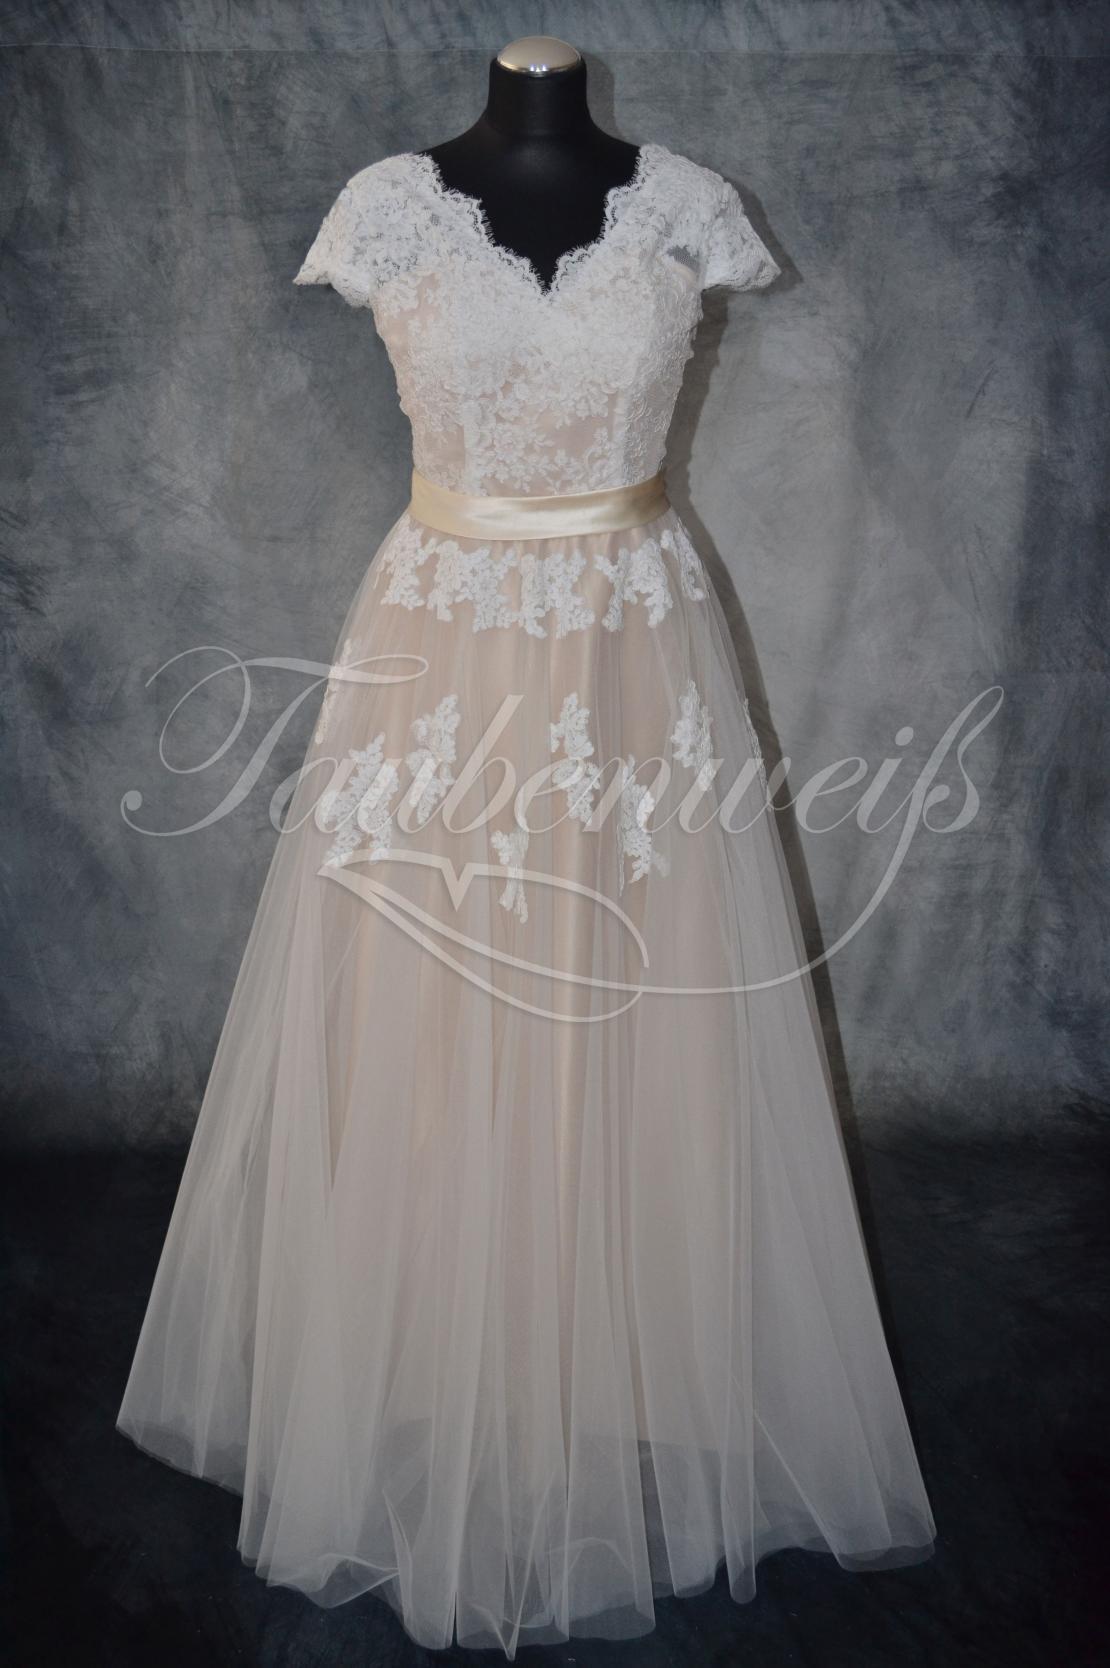 Brautkleid B19 aus Tüll mit Spitze - zweifarbig in Nude Look